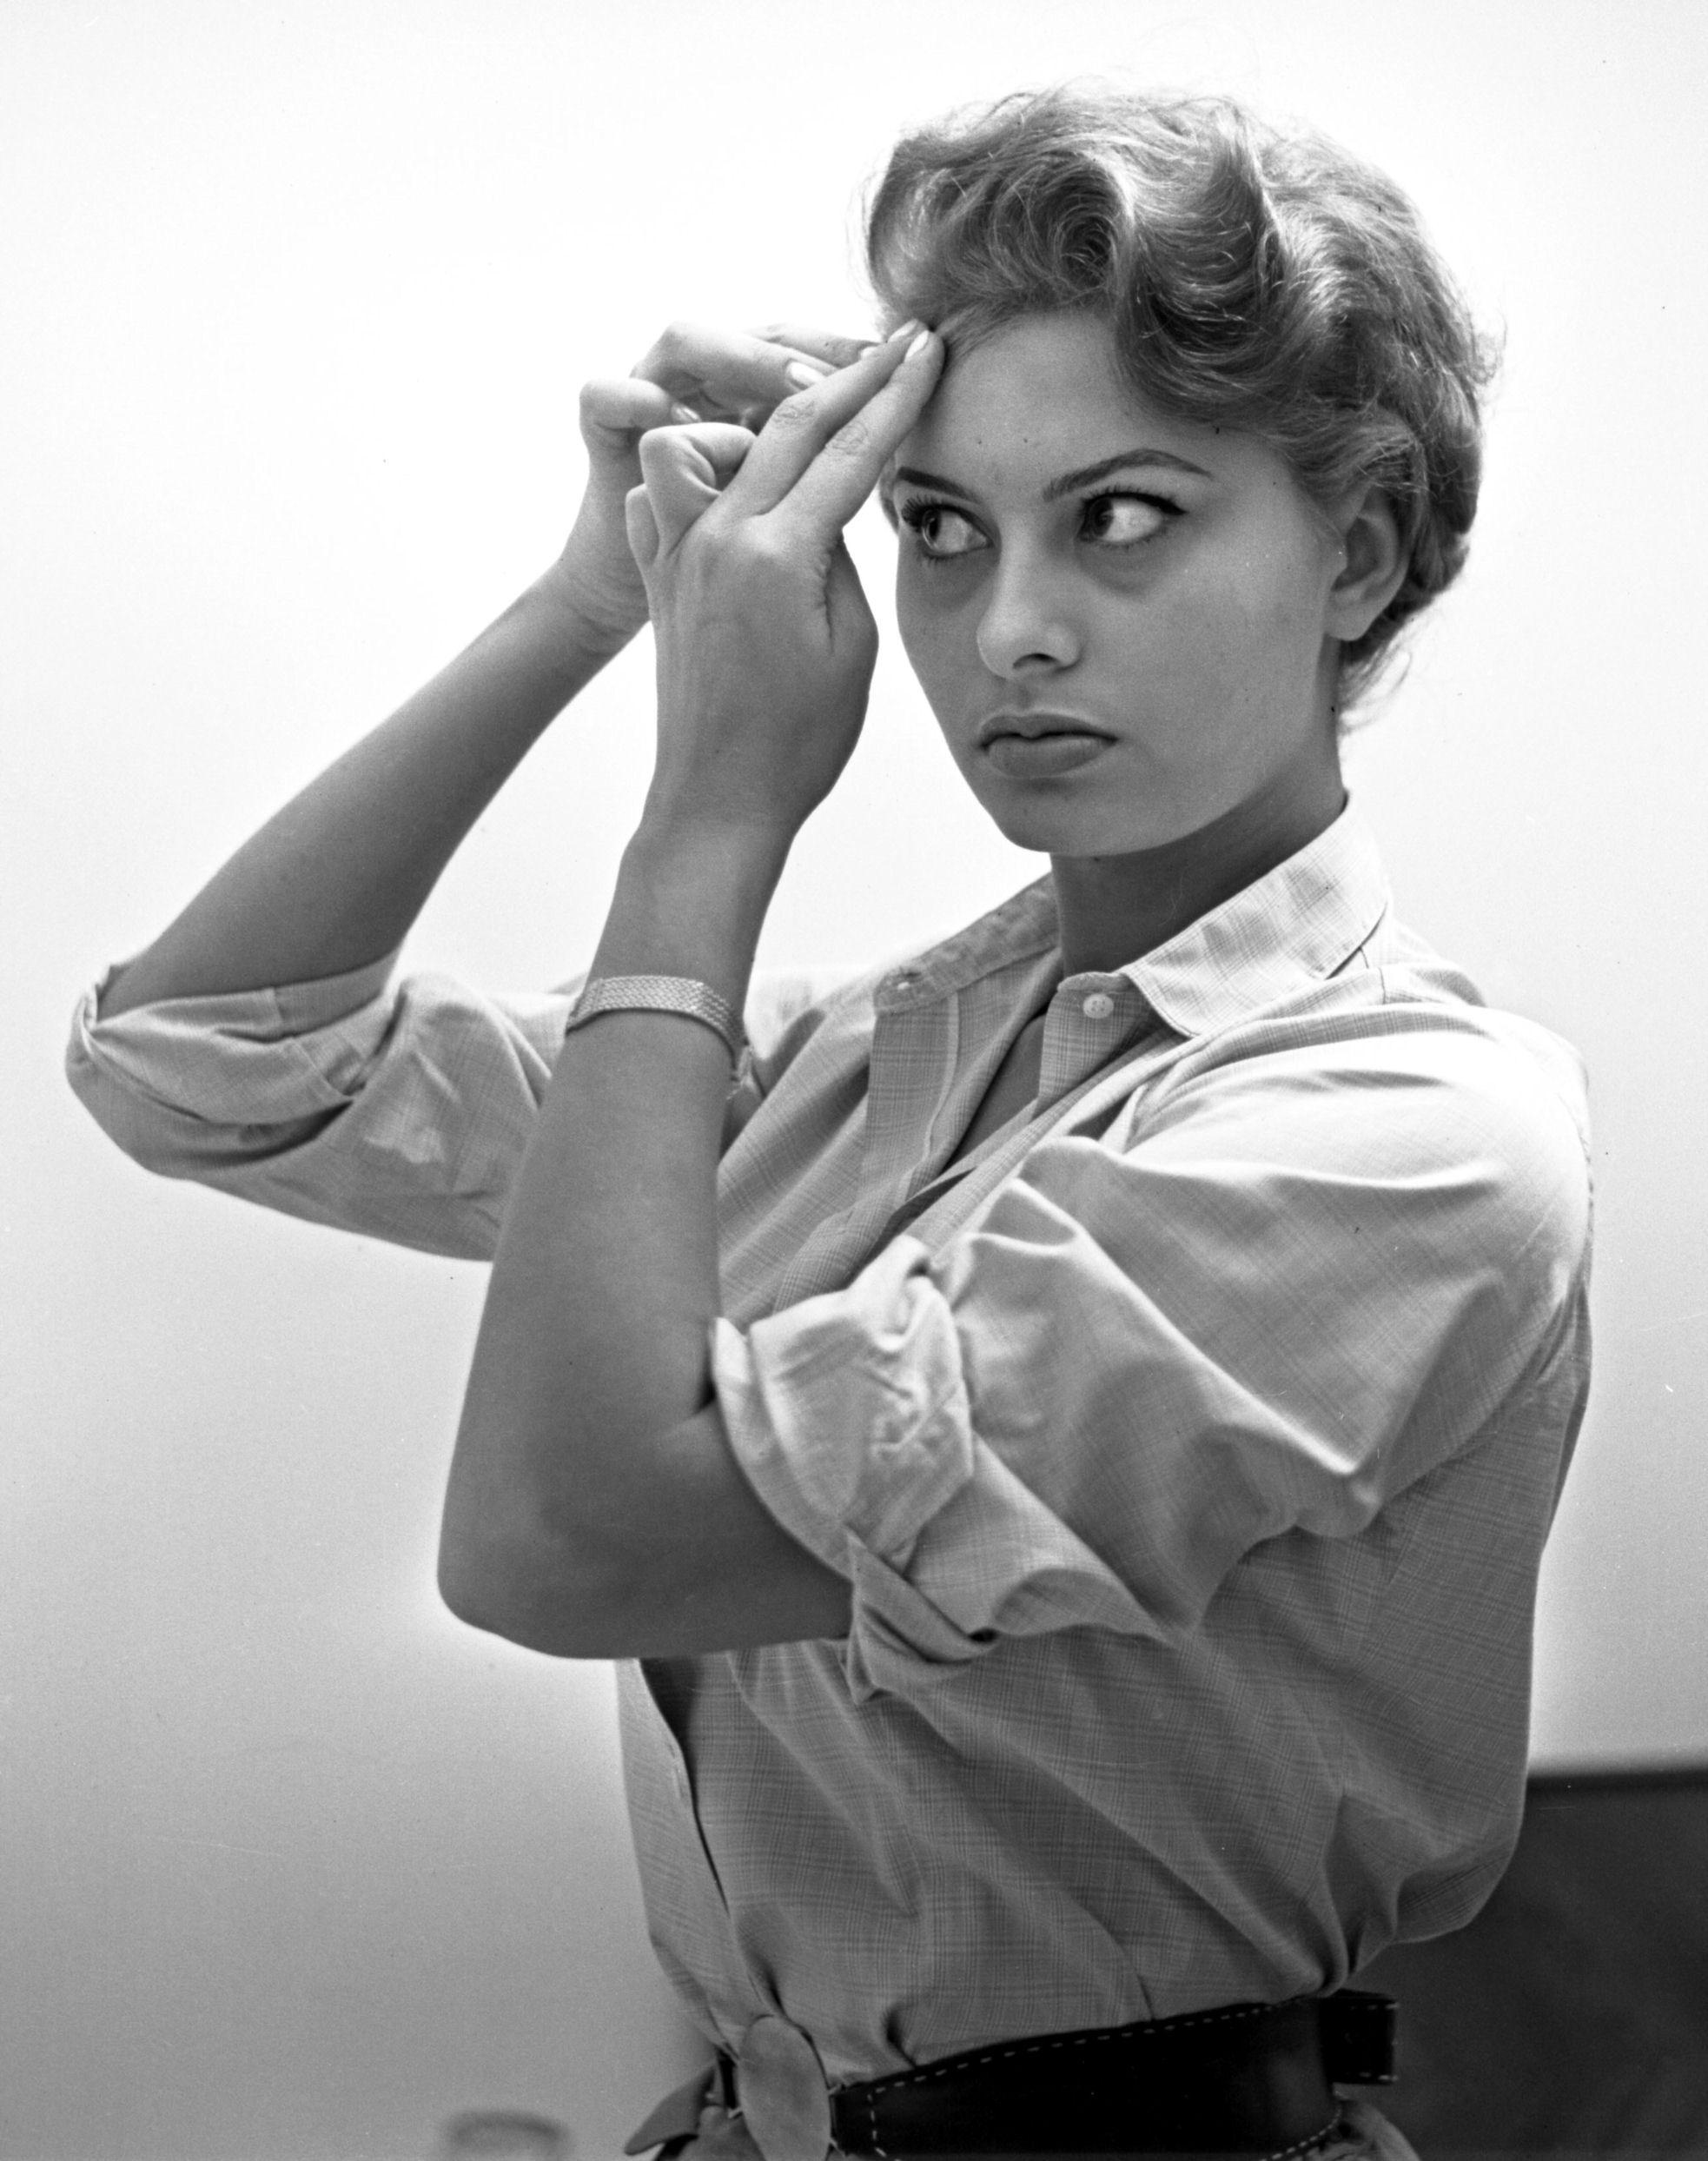 1960s Hairstyles Hairstyle Hairstyle Ideas Vintage Lange Haare Lange Haare Manner Sophia Loren